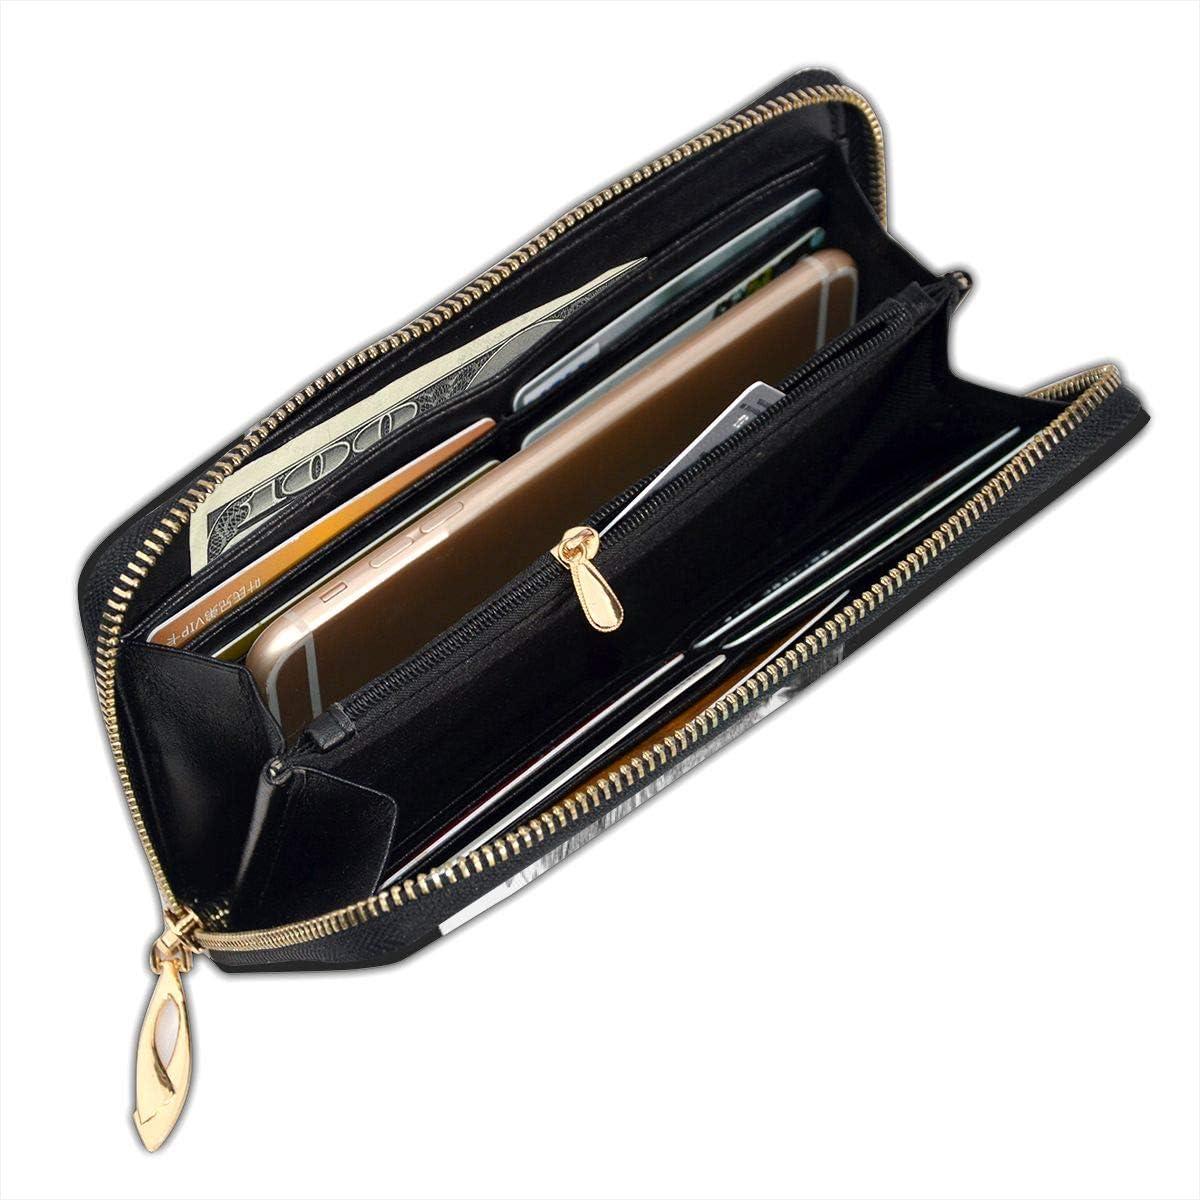 Women Genuine Leather Wallets Navigation Anchor Credit Card Holder Organizer Ladies Purse Zipper Around Clutch Cash Pocket